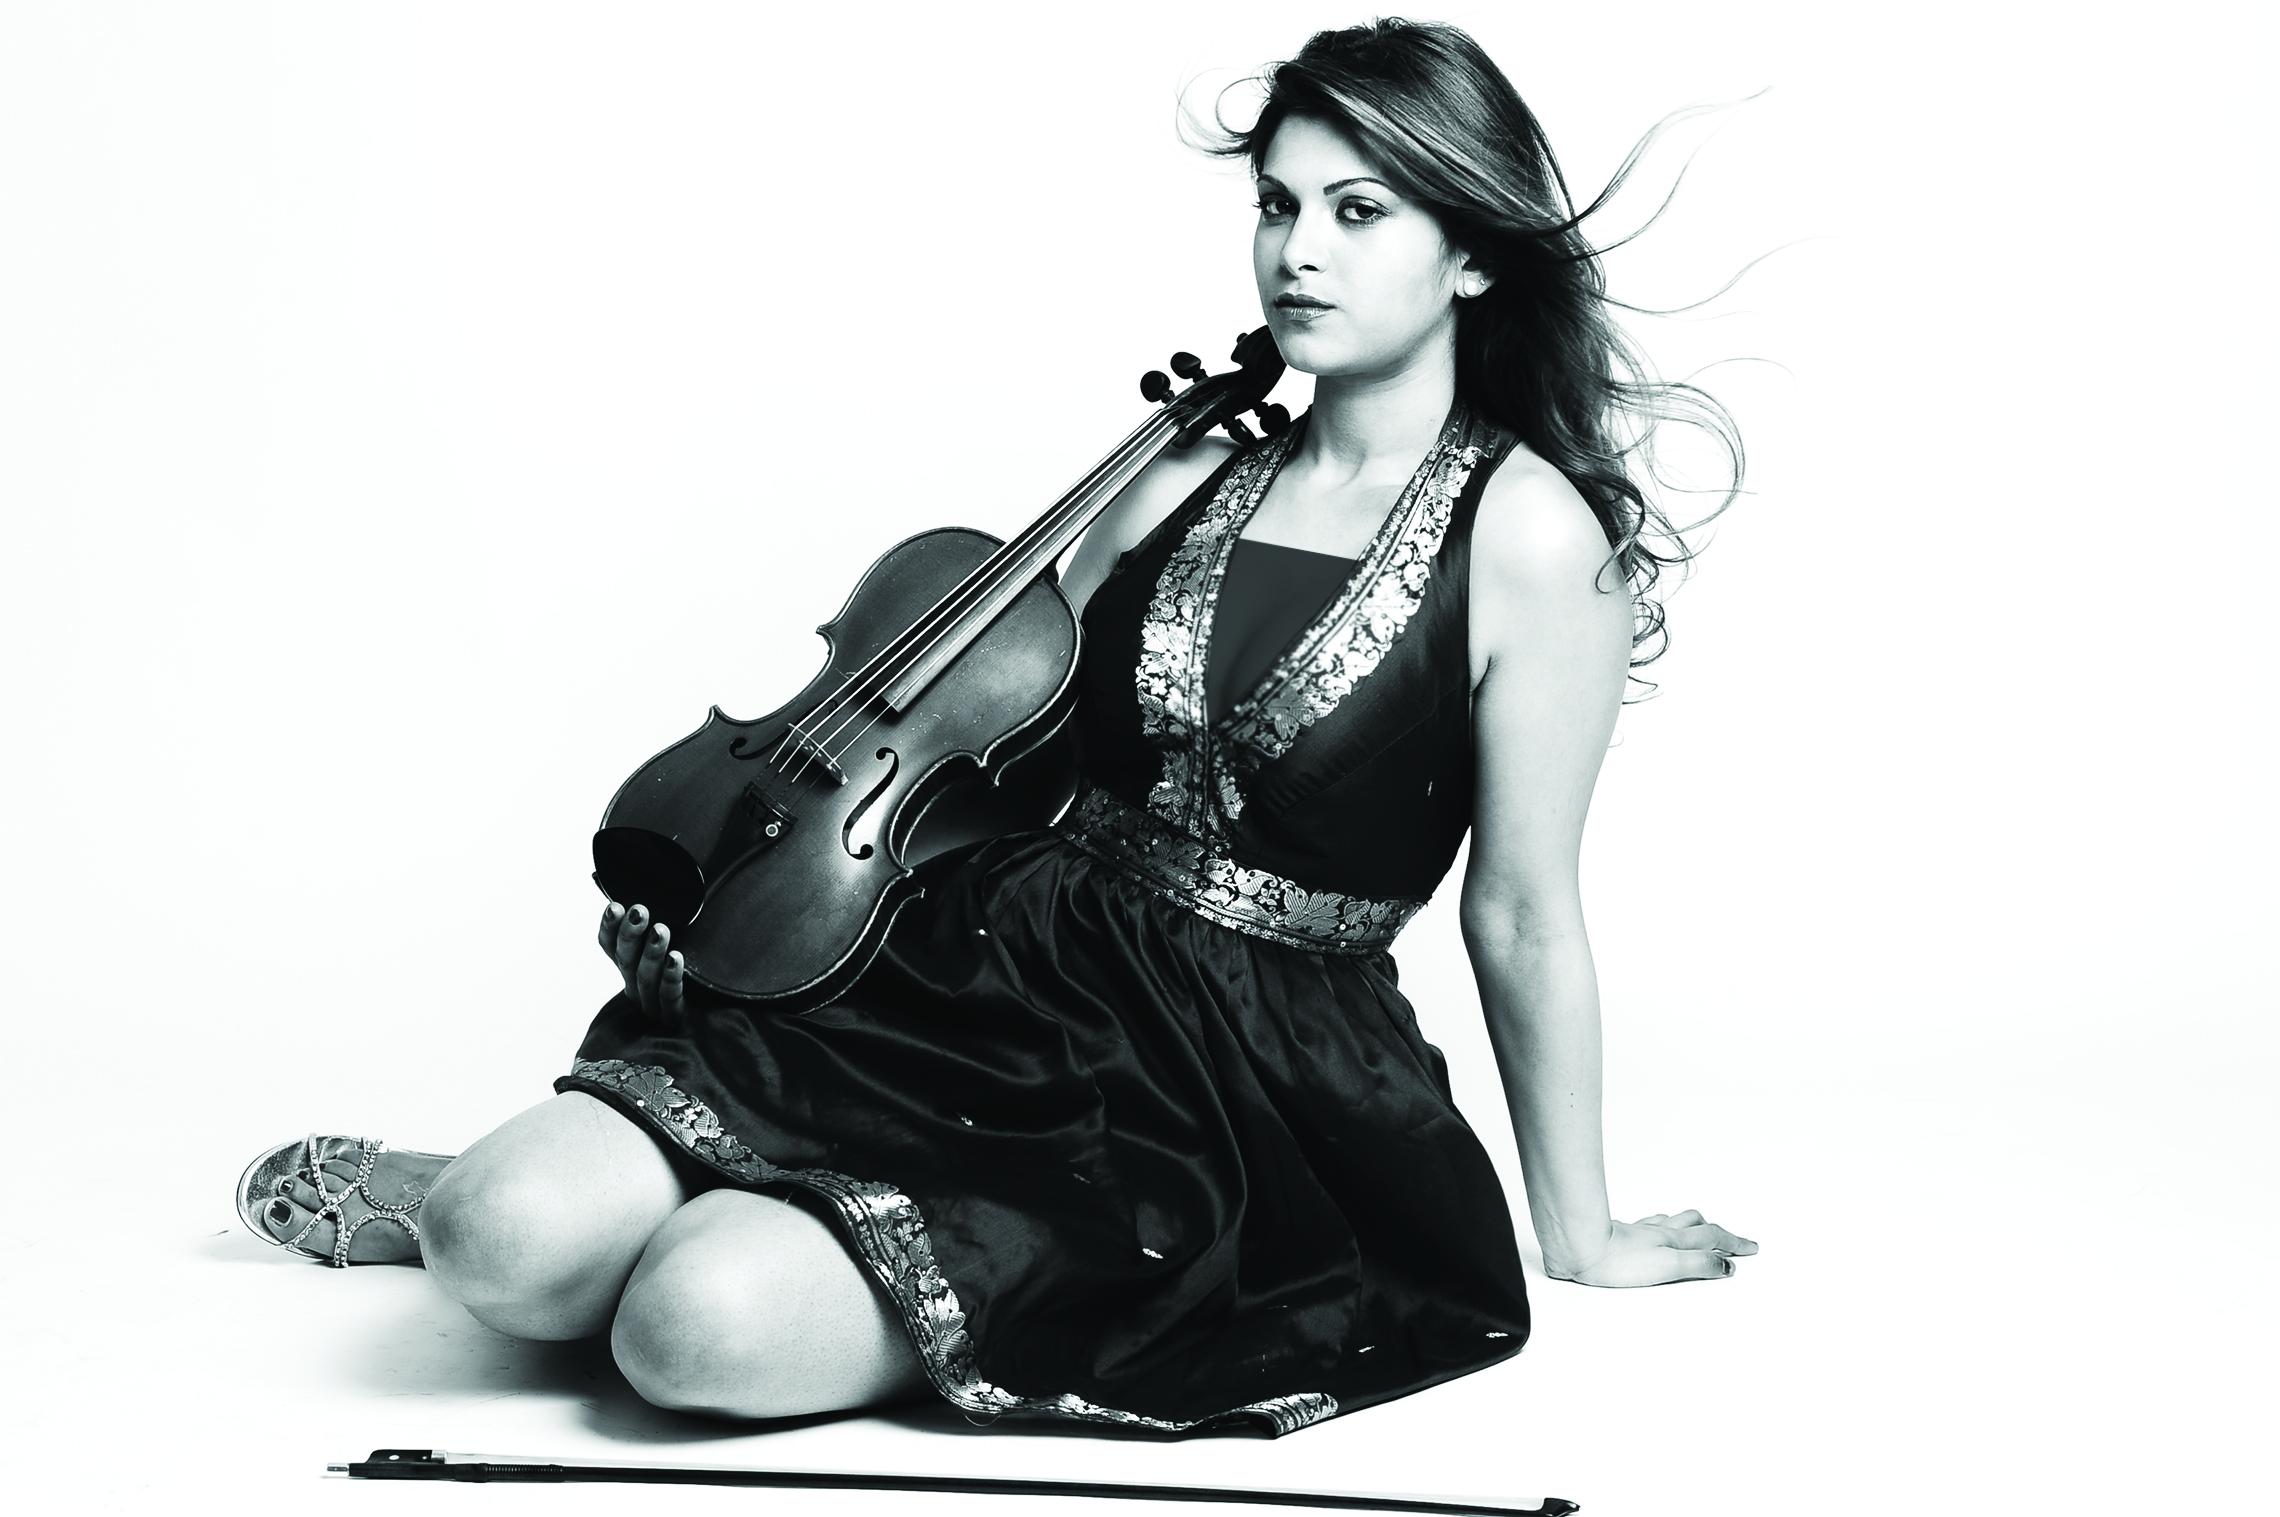 ياسمين عزايز: كلما فكرت في تأليف عمل موسيقي جديد جئت إلى عمان